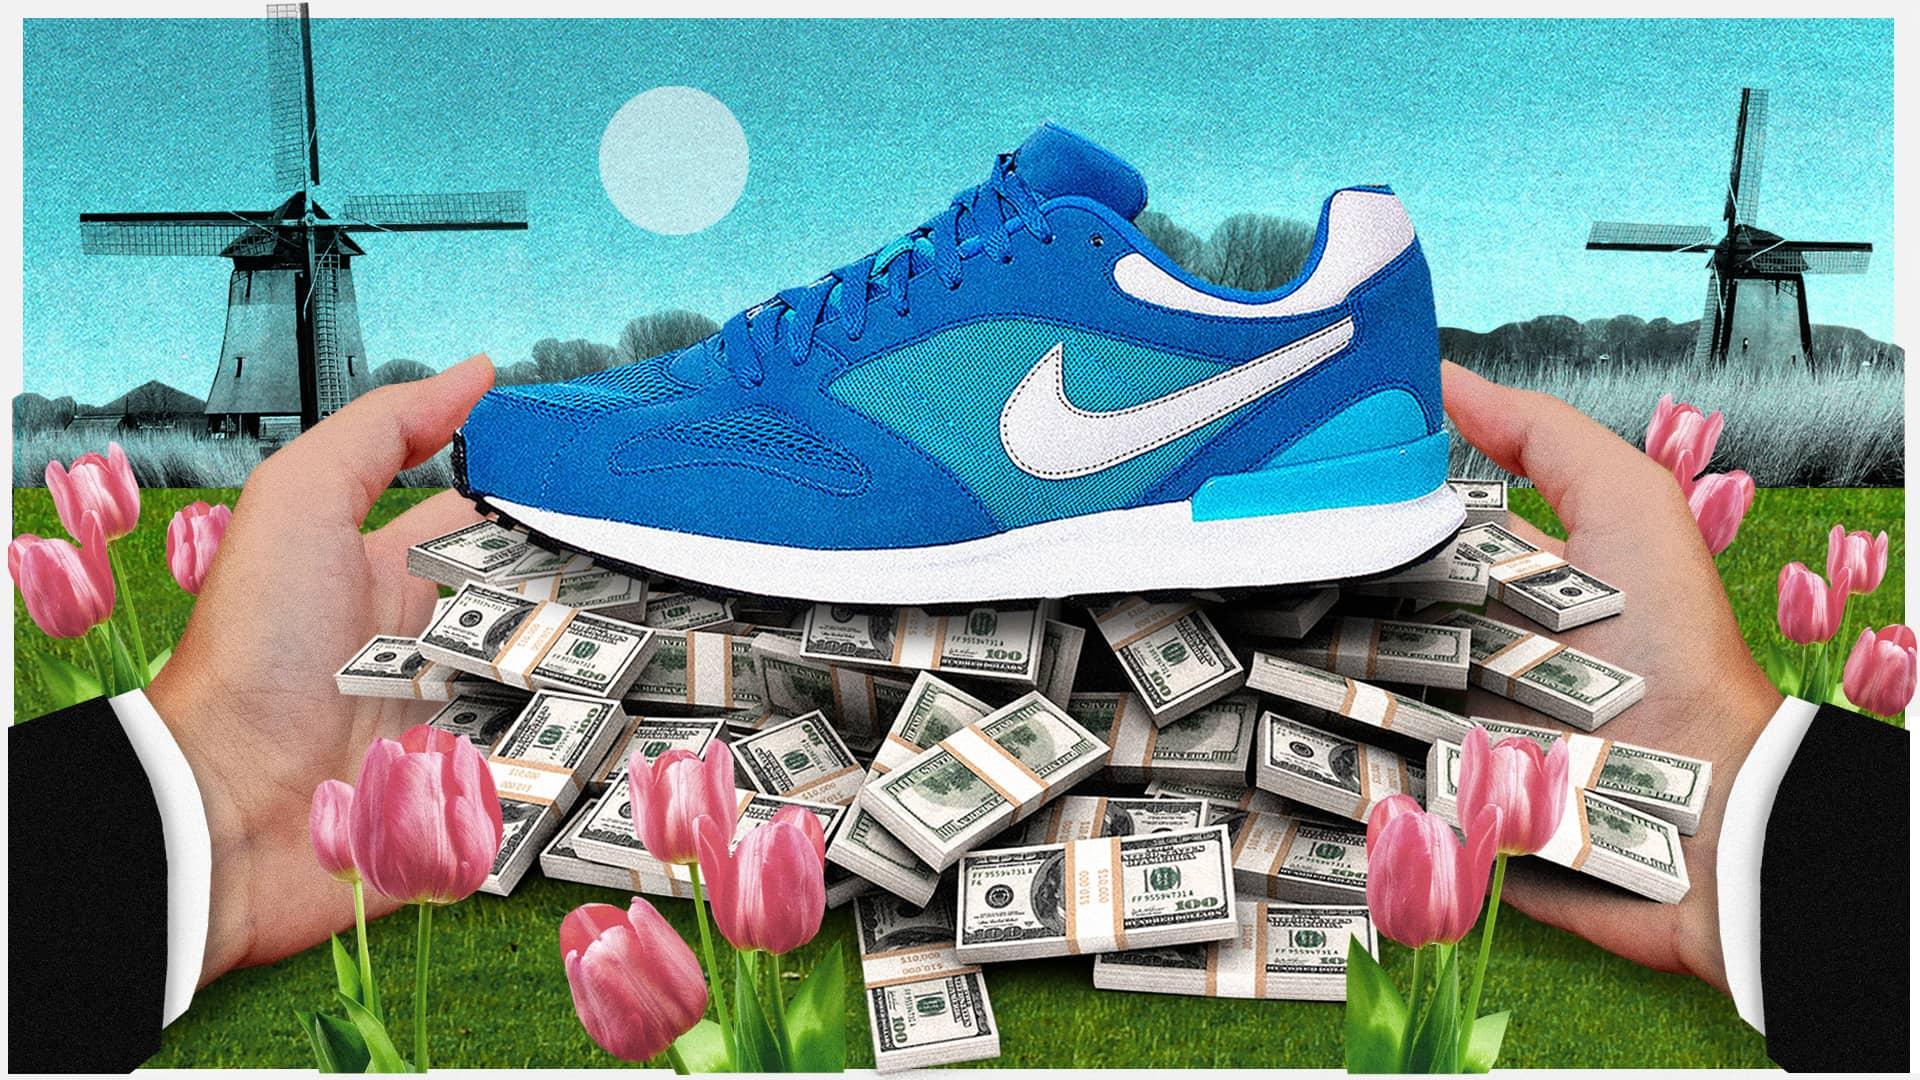 Prellen Die Den Deutschen Niederlande Und Staat Nike 0ZP4wqUAA